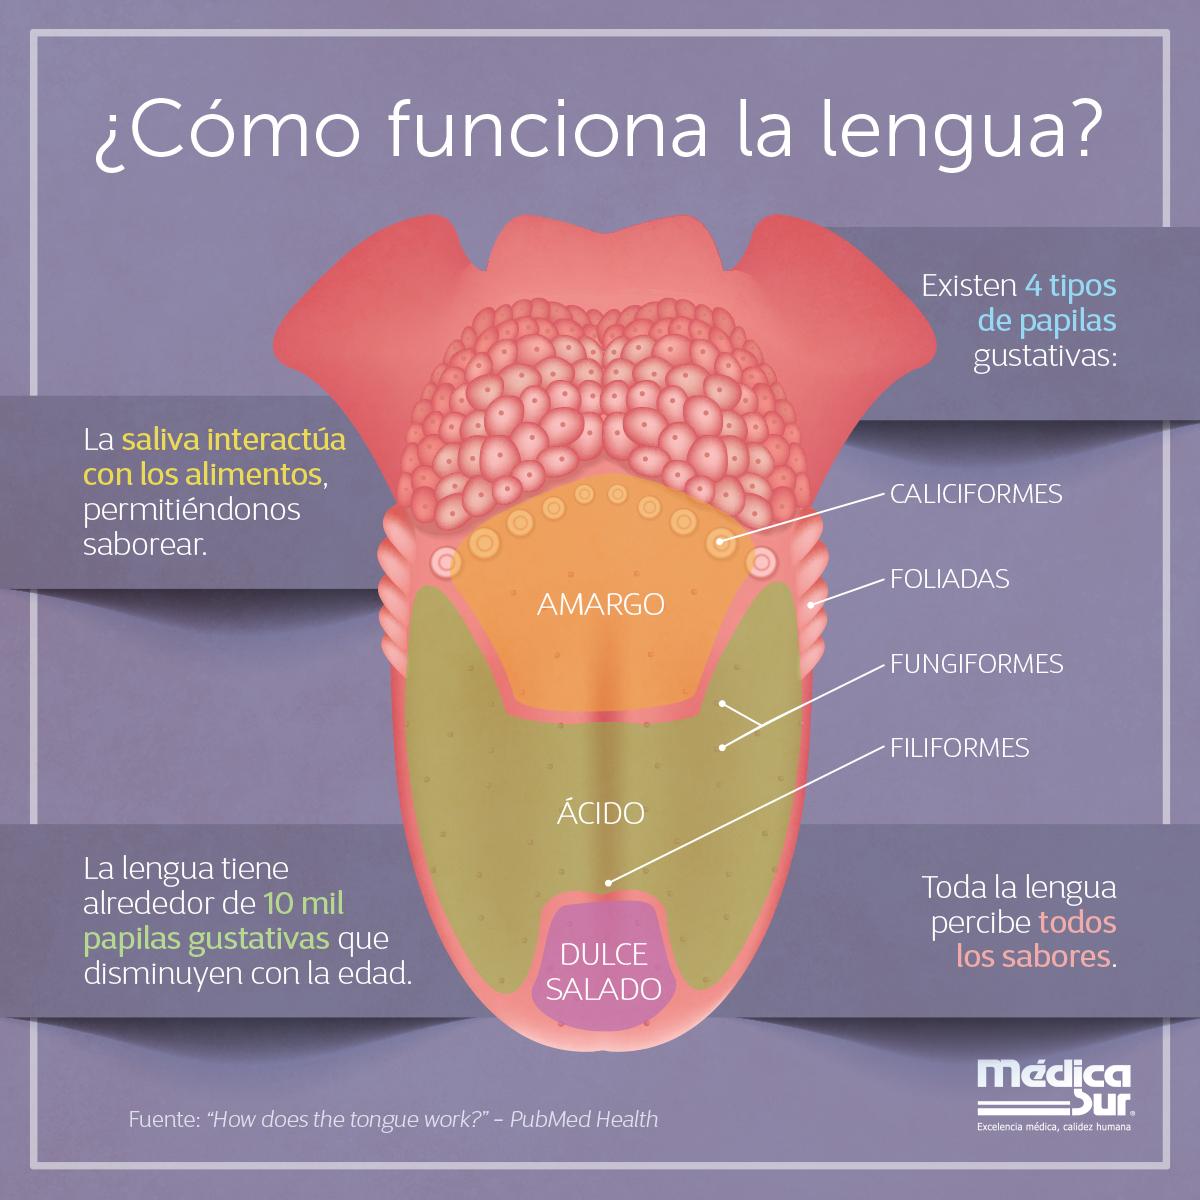 La #lengua tiene alrededor de 10 mil #papilas gustativas que ...